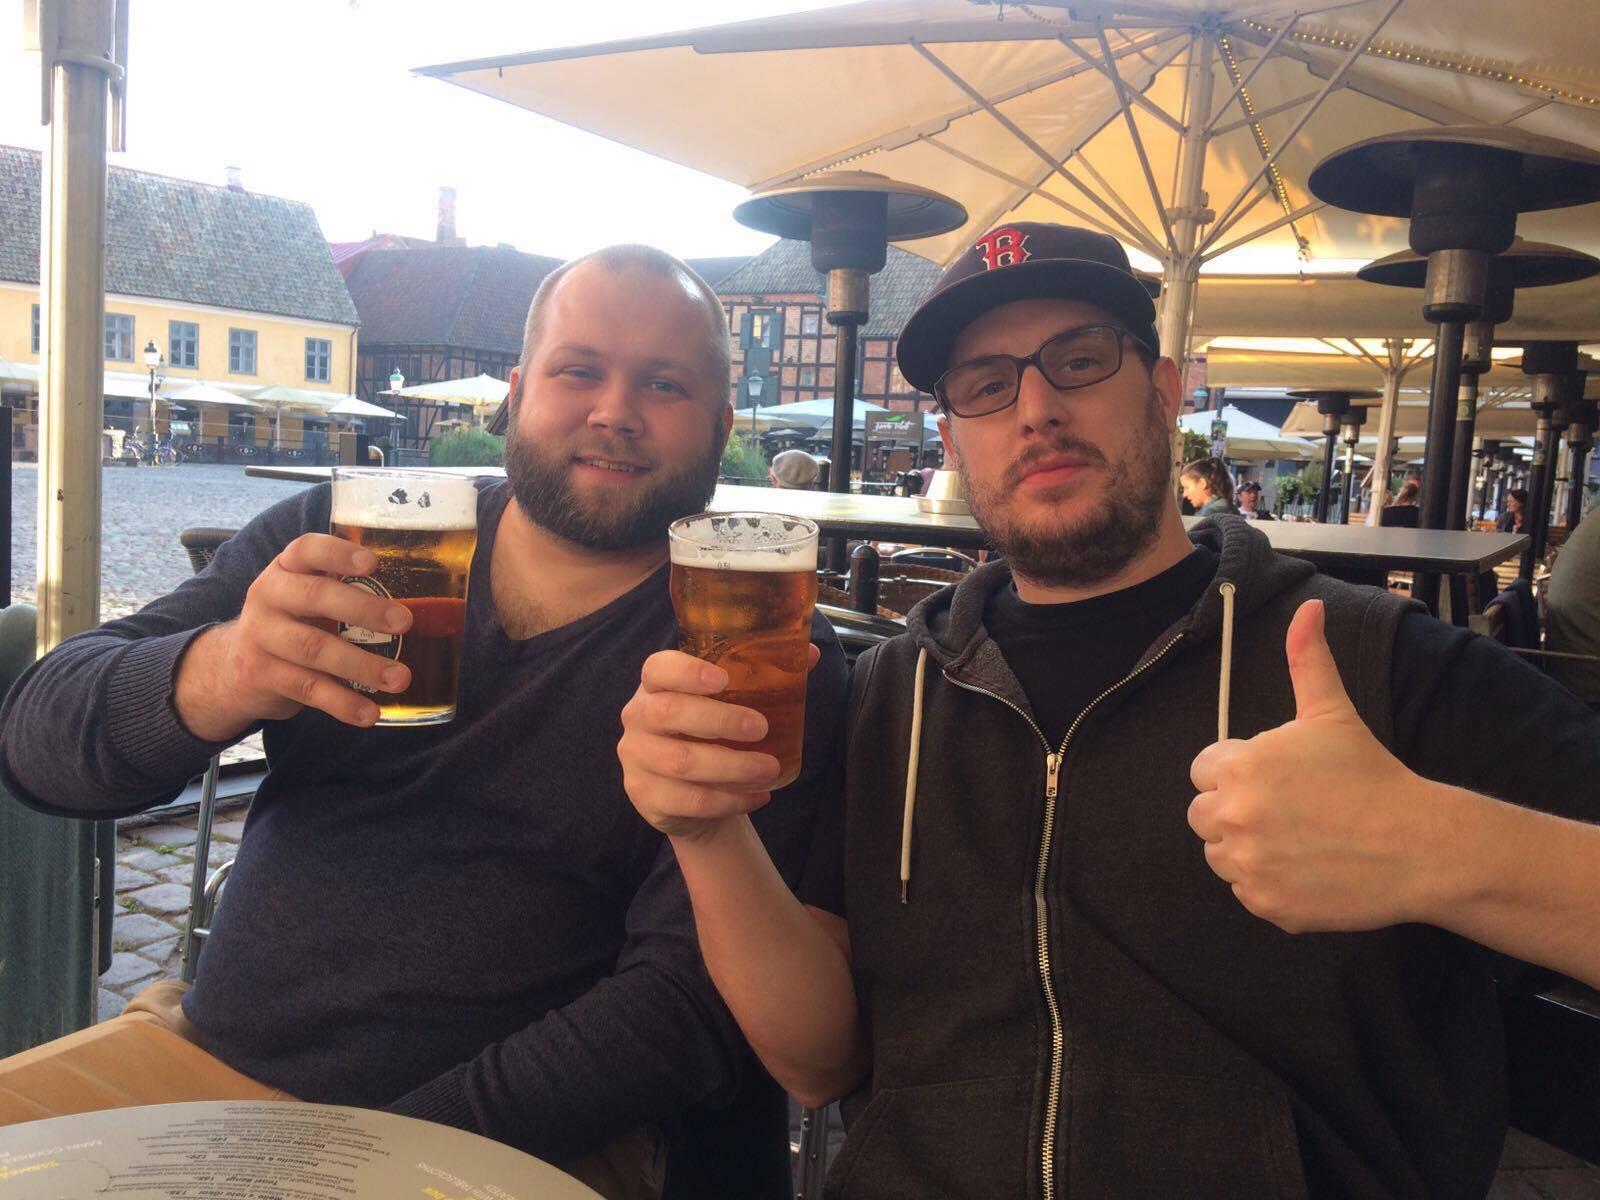 Eyþór and myself enjoying a beer in Malmö, Sweden. Super random, but super super nice.